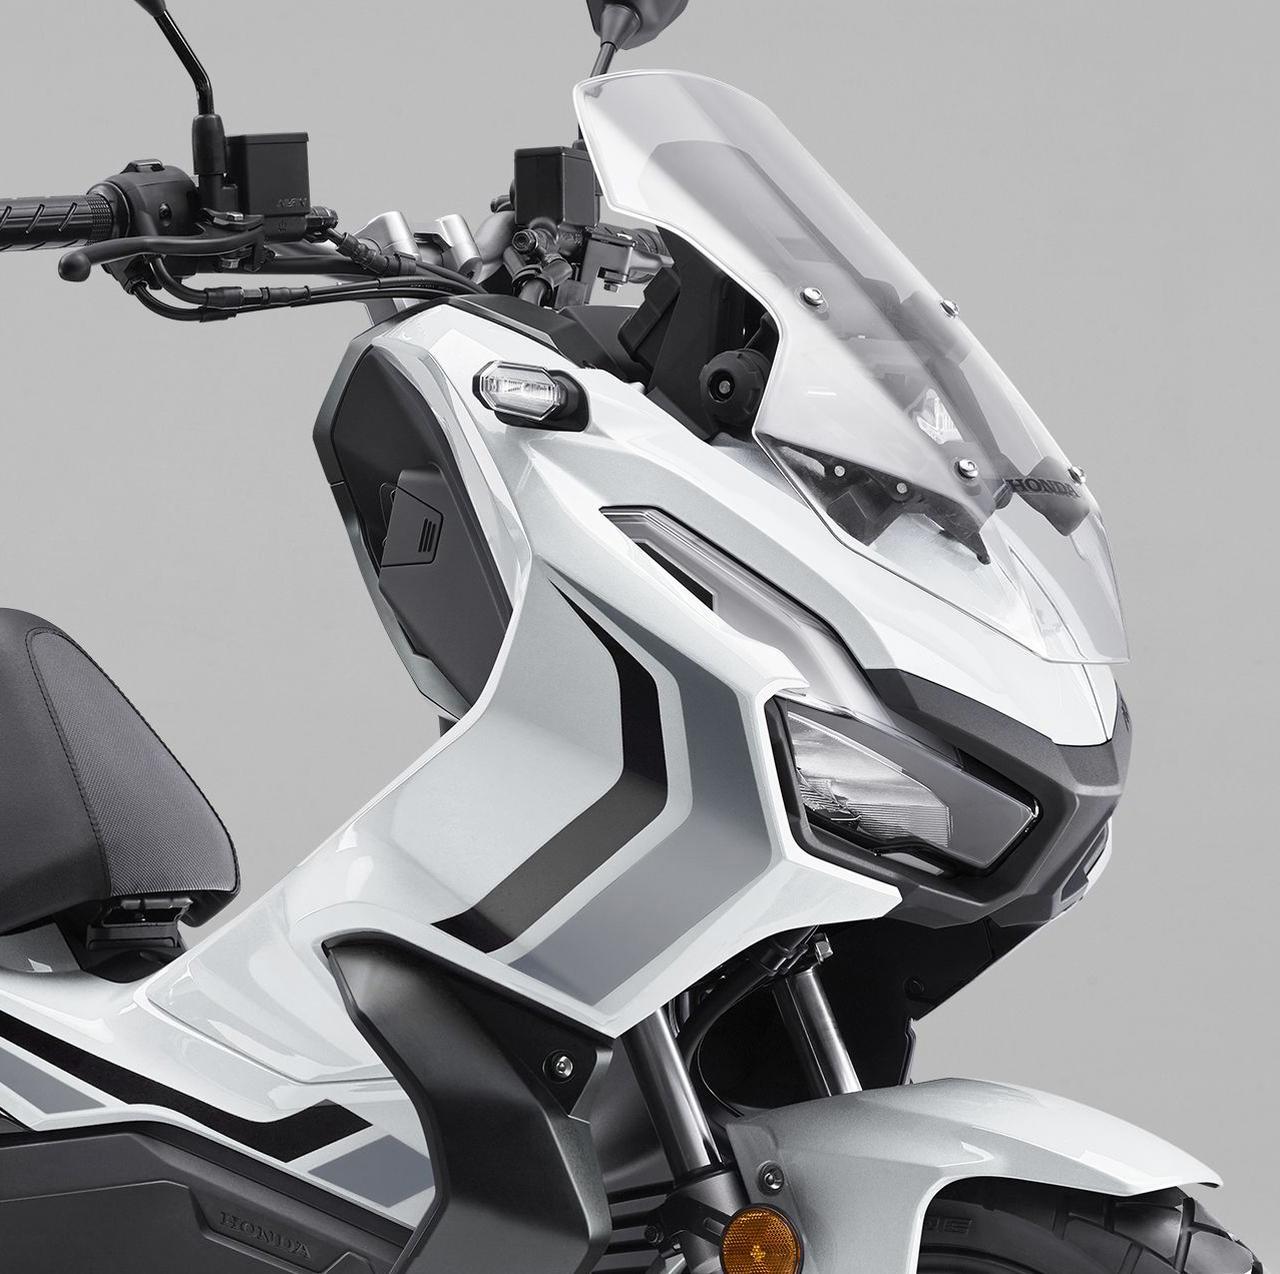 ホンダが「ADV150」の限定カラー・ロスホワイトを発売! カラーバリエーションは一時的に4色に【2021速報】